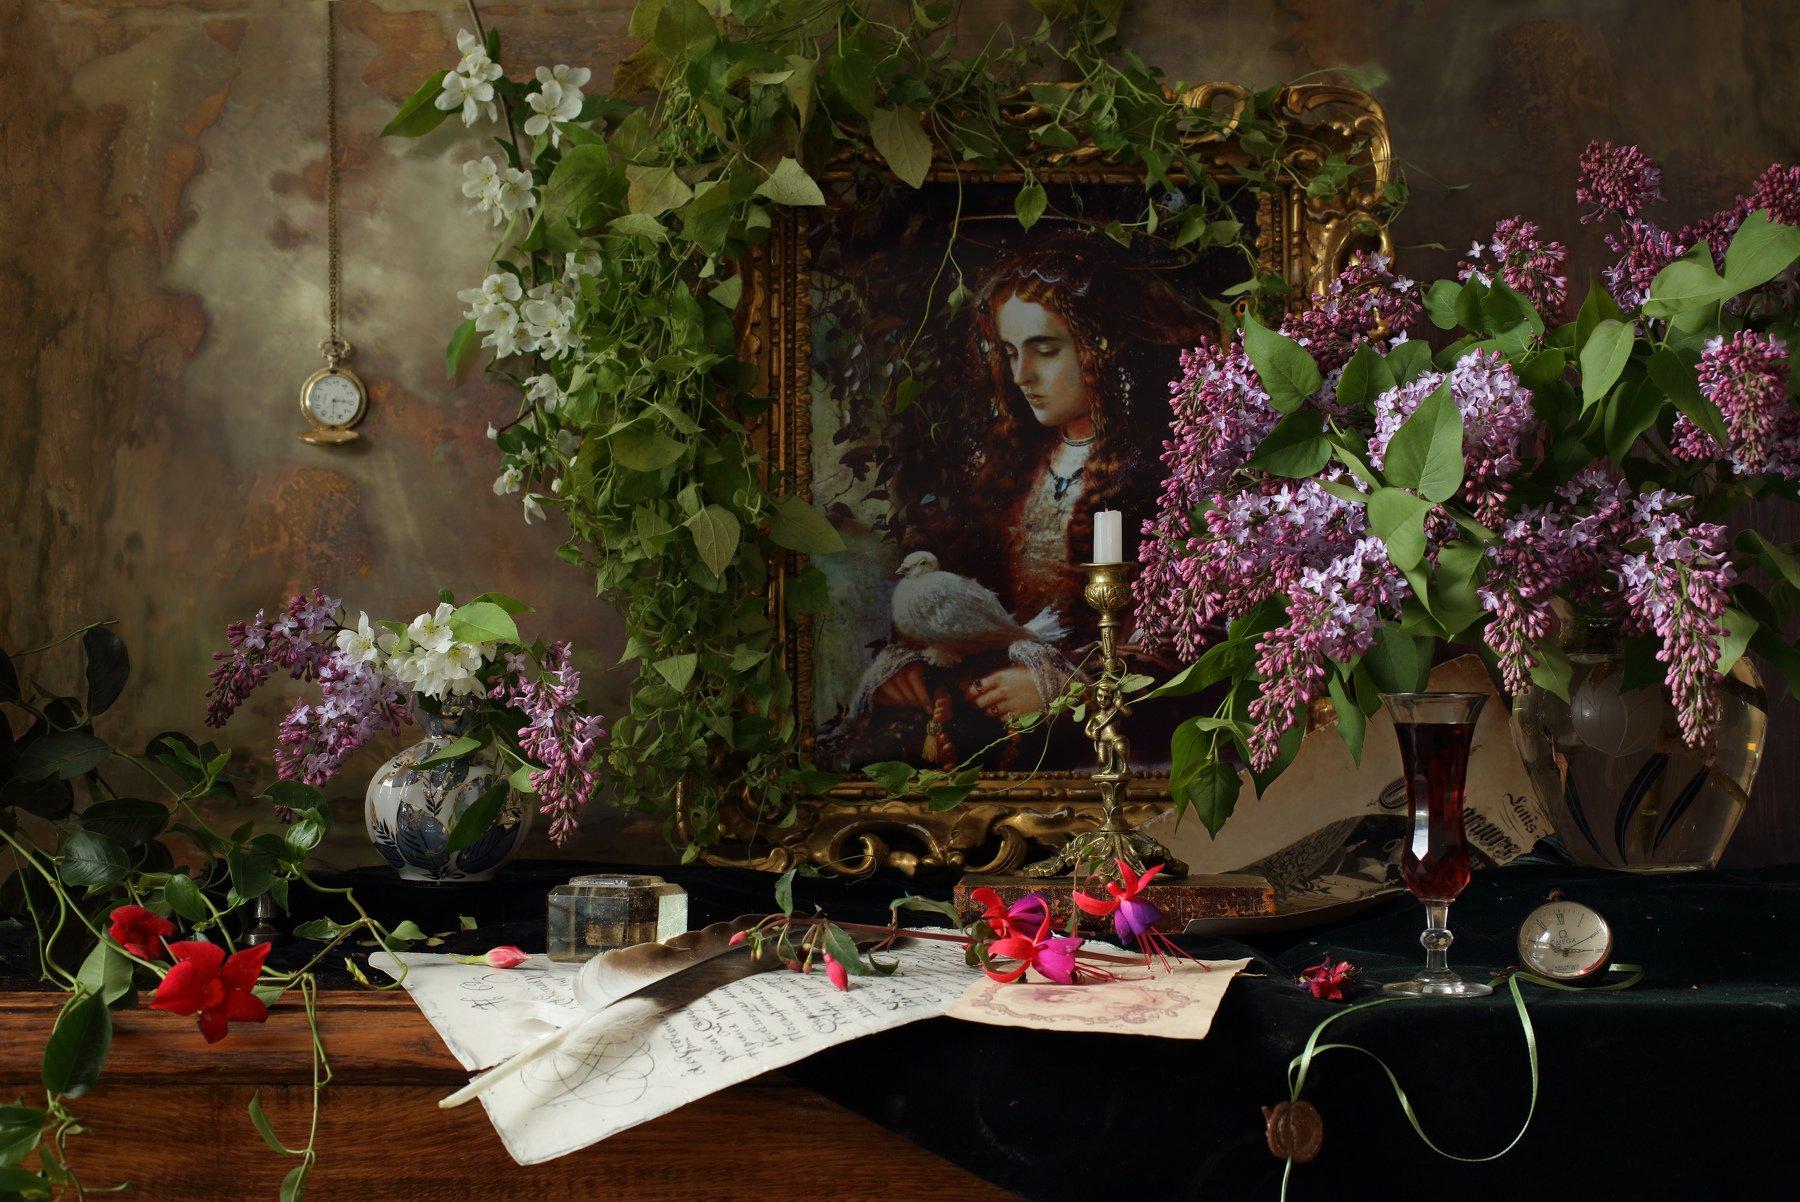 цветы, сирень, девушка, портрет, картина, свеча, Андрей Морозов